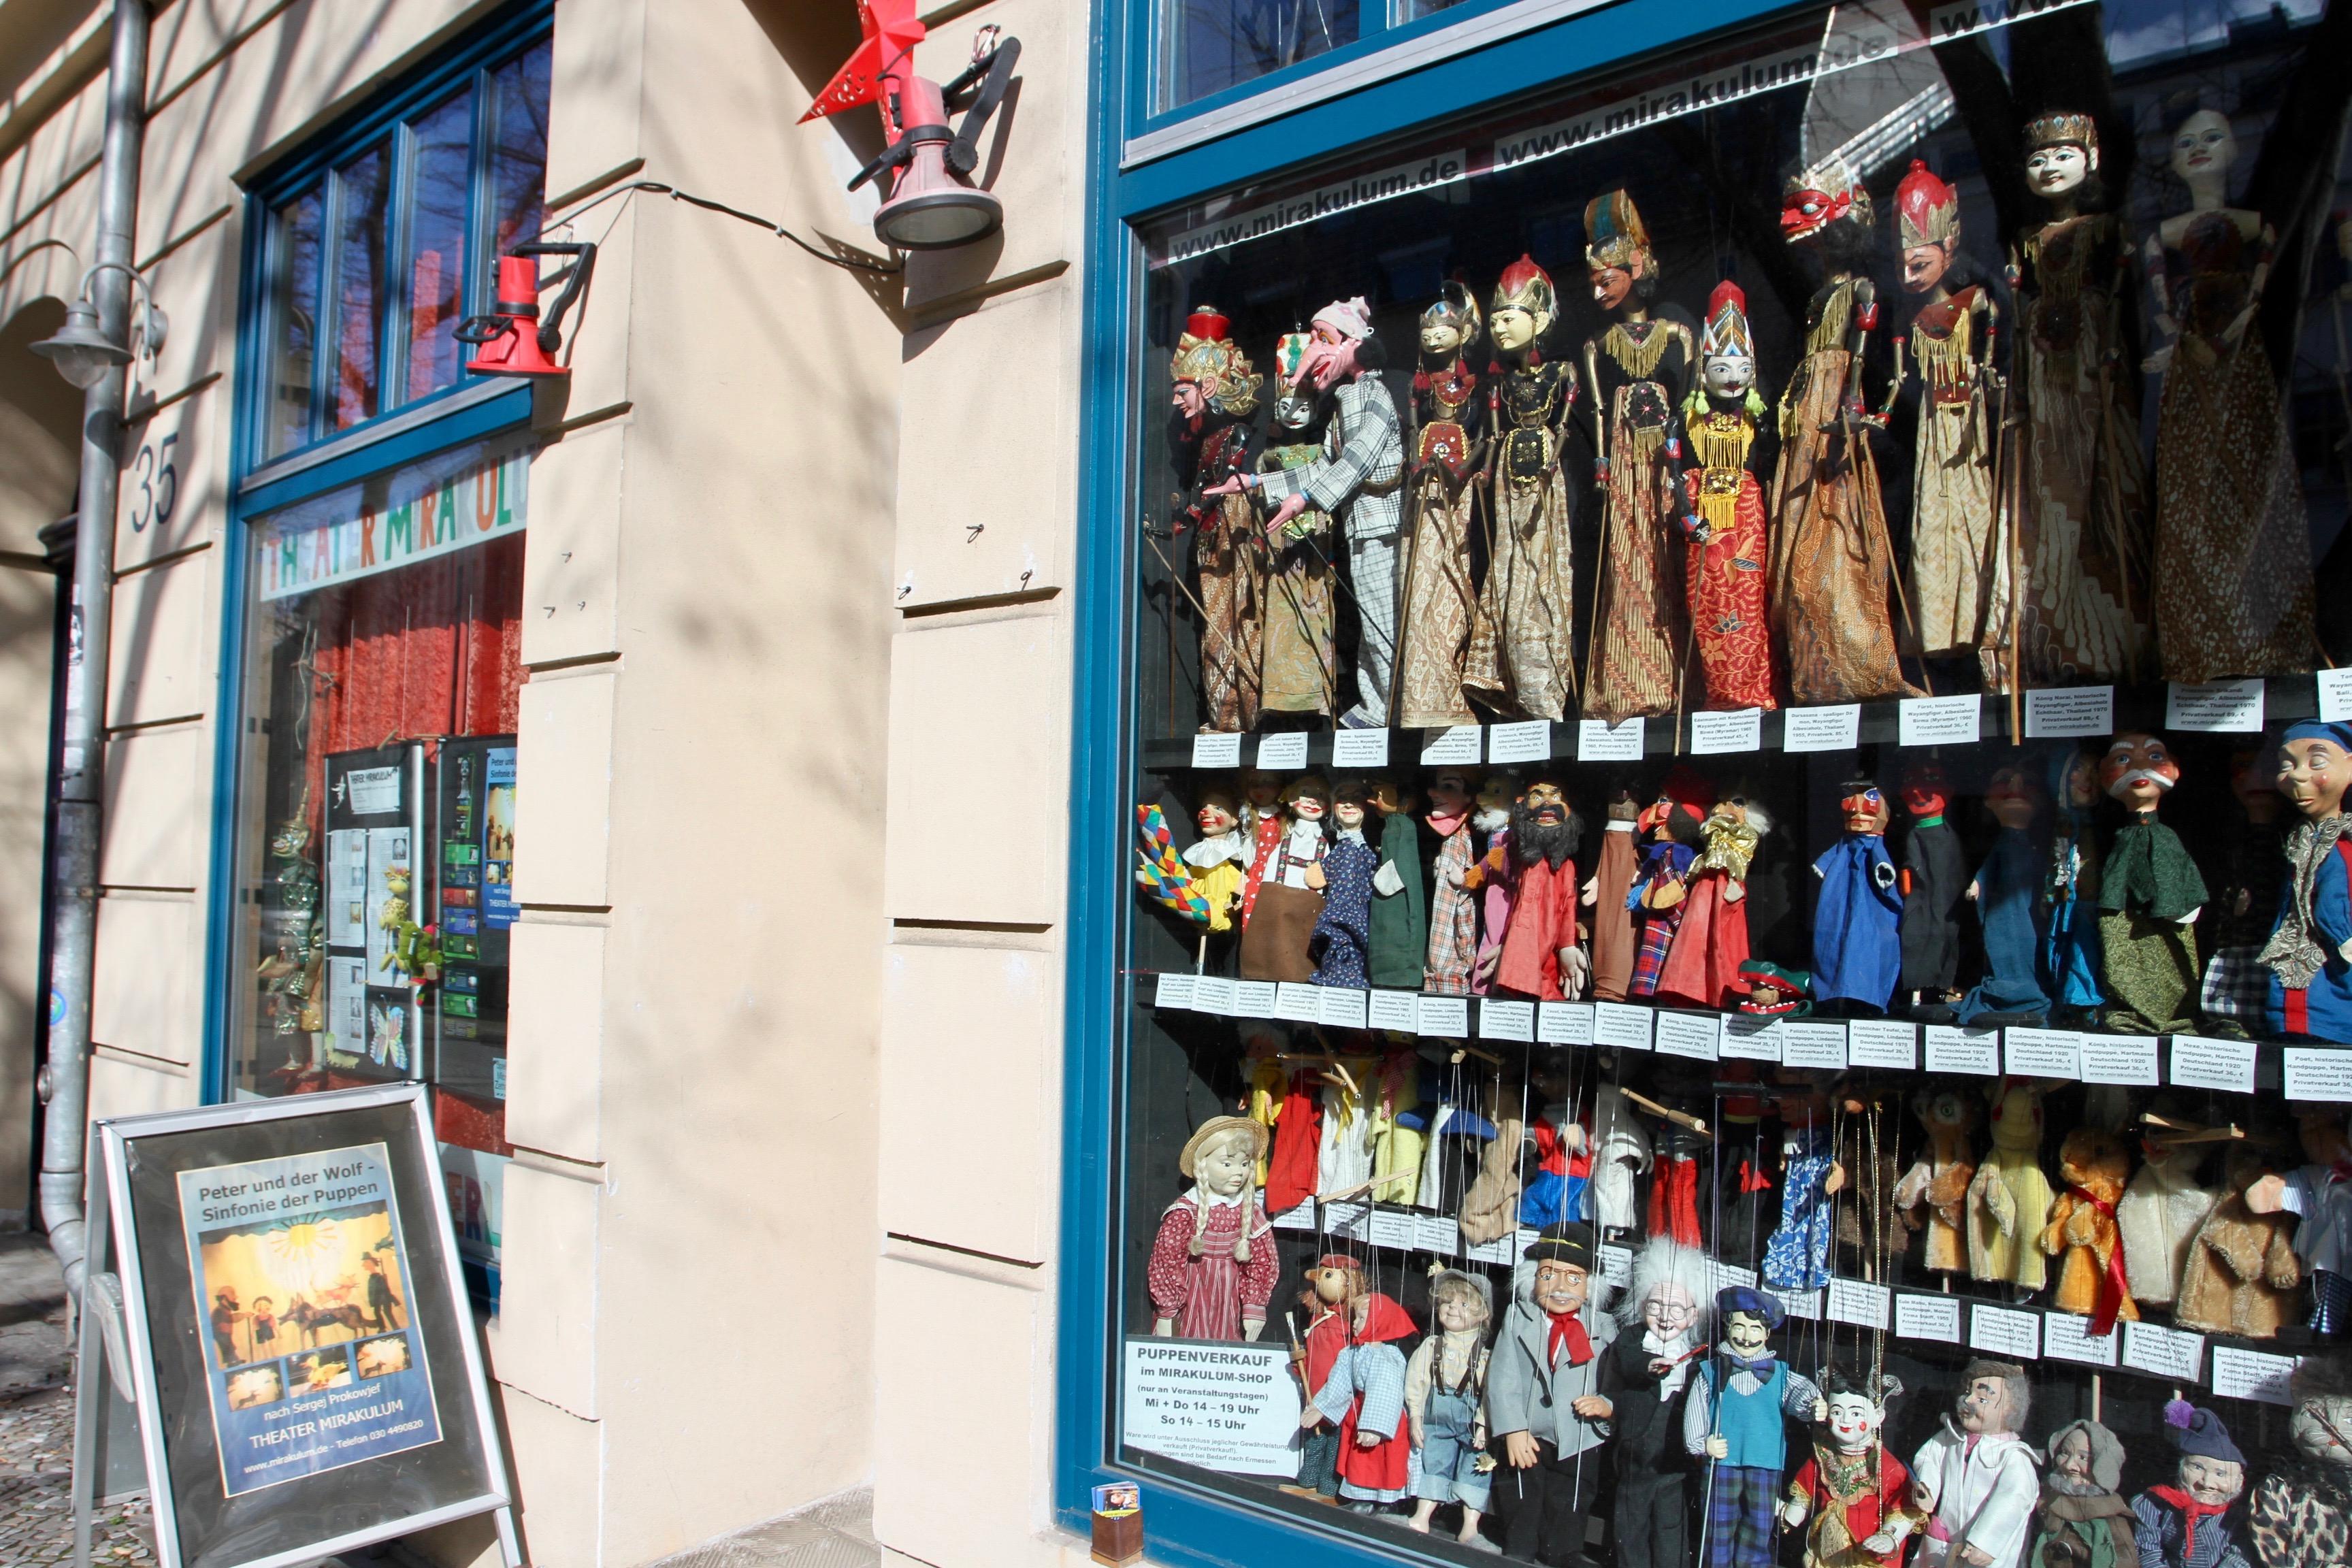 Puppet Shop, Berlin, Germany